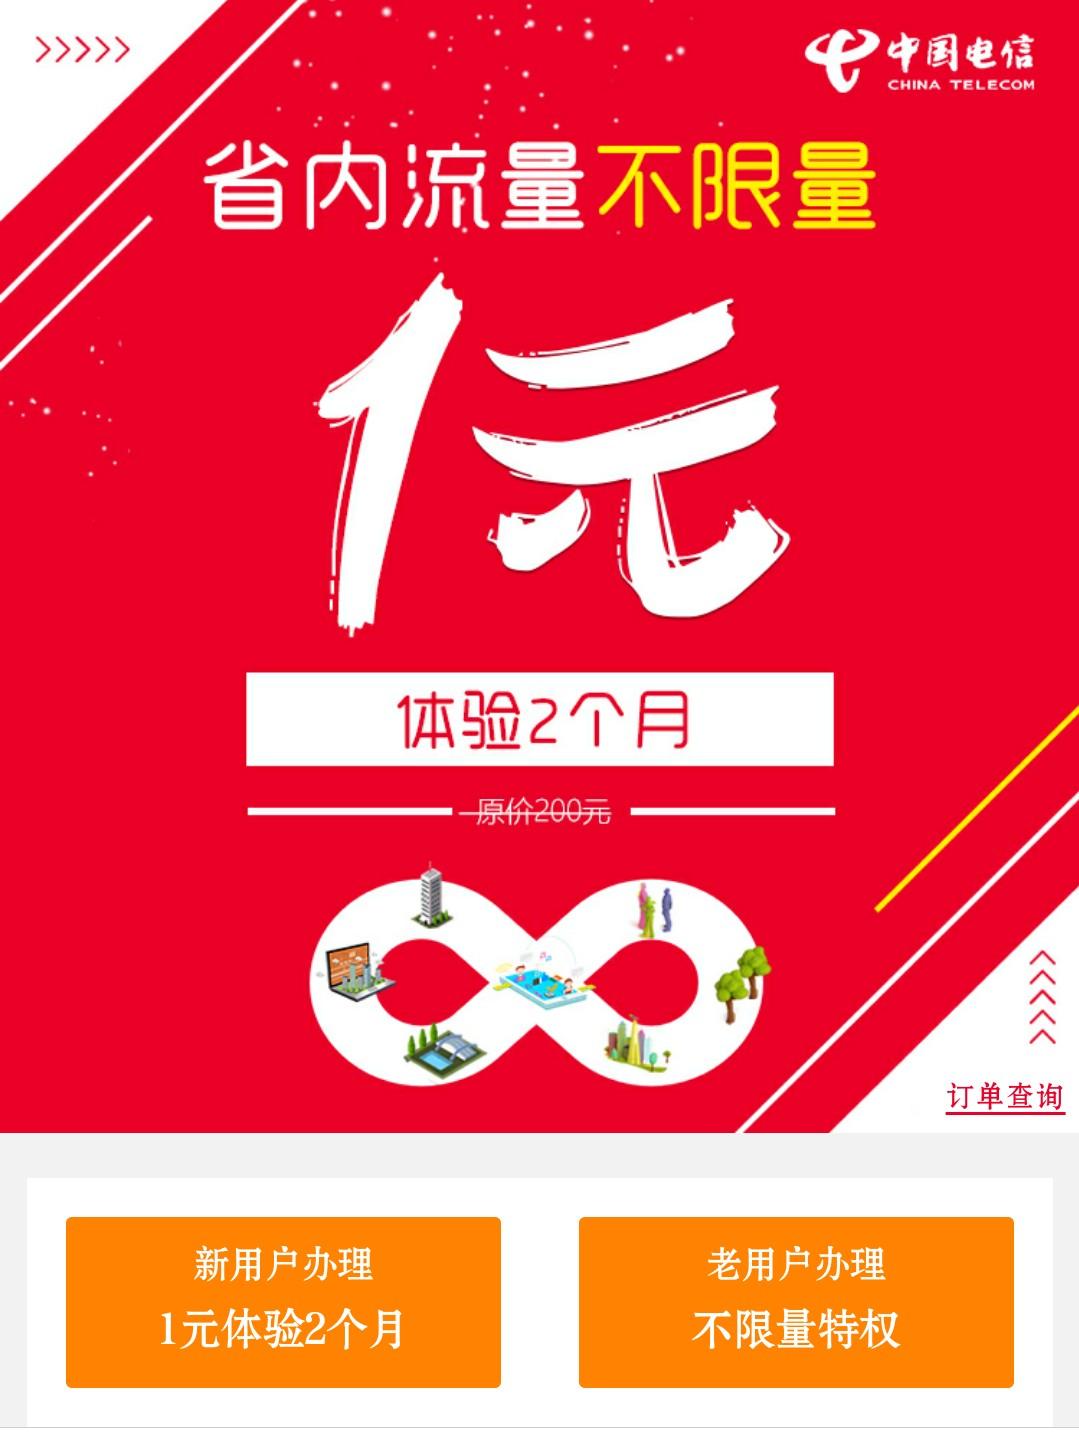 中国电信-福利 1元无限流量